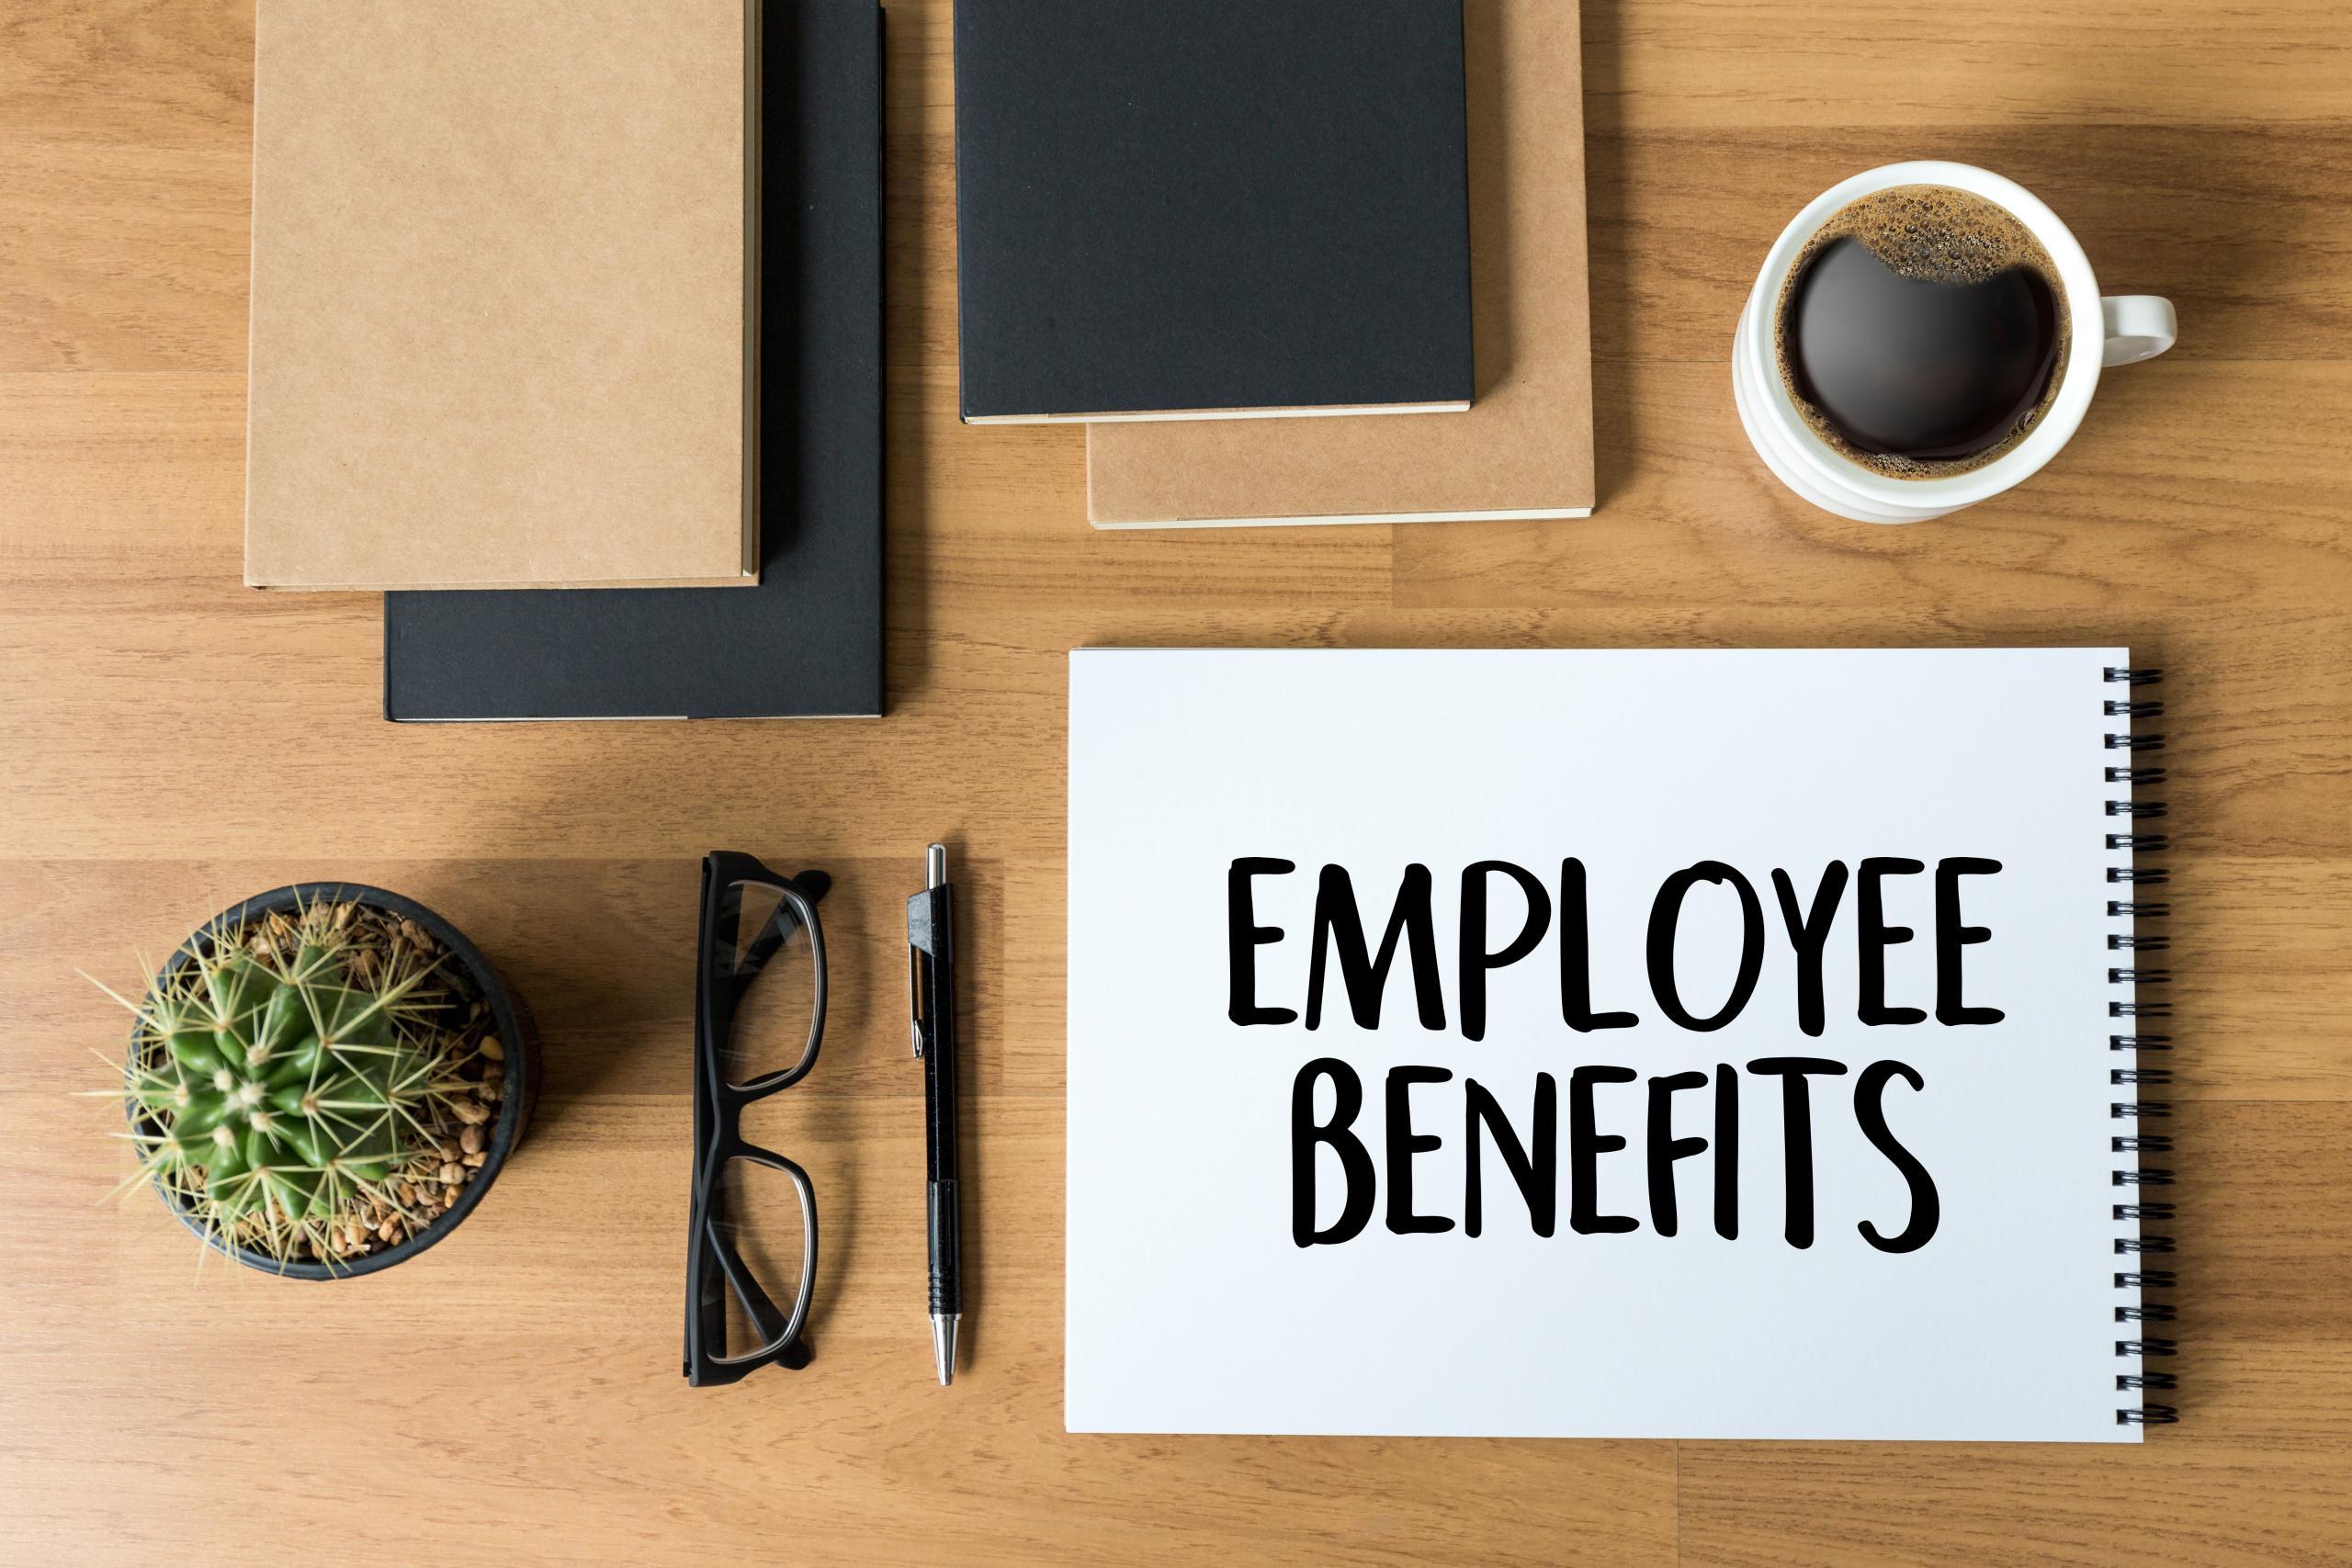 Người sử dụng lao động có phải trả phụ cấp ăn ca không?